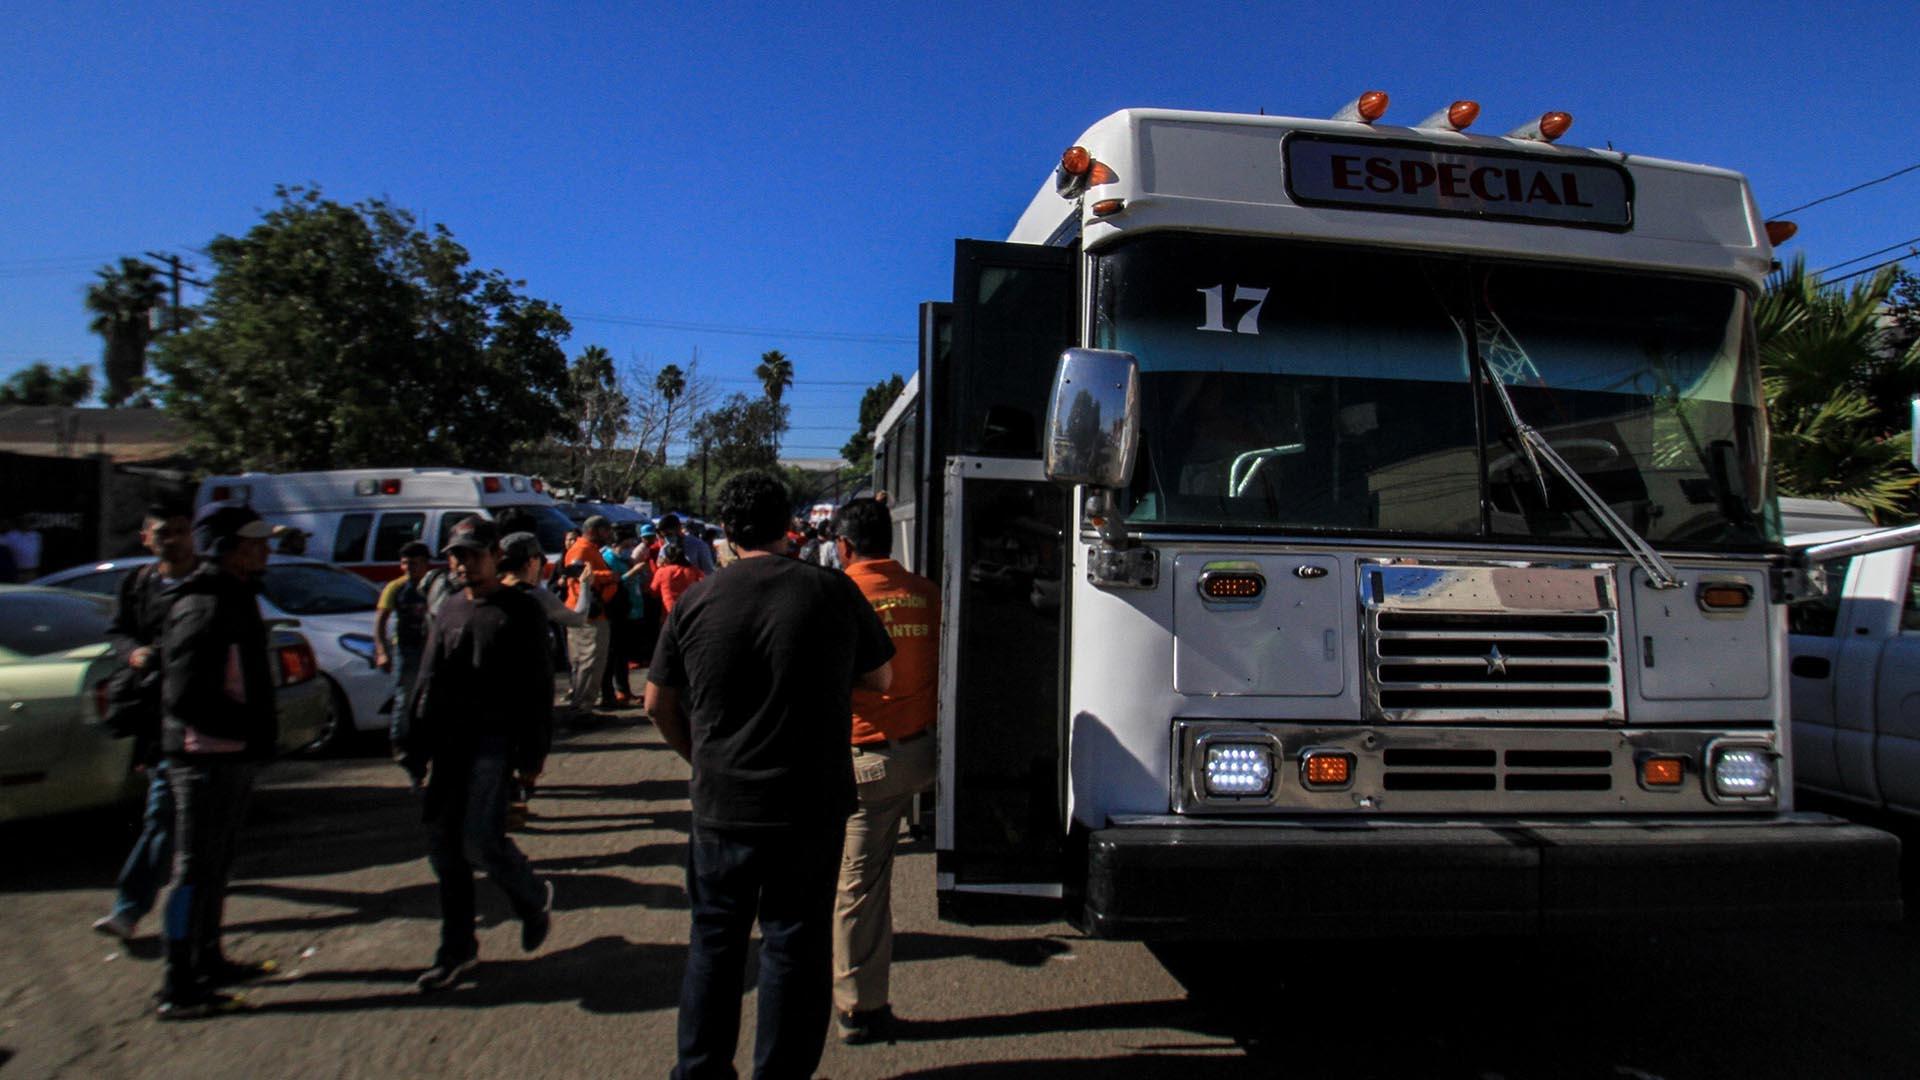 El gobierno mexicano ha dispuestos camiones para trasladar a migrantes a la frontera con Guatemala si vuelven a sus países. (Foto: EFE)